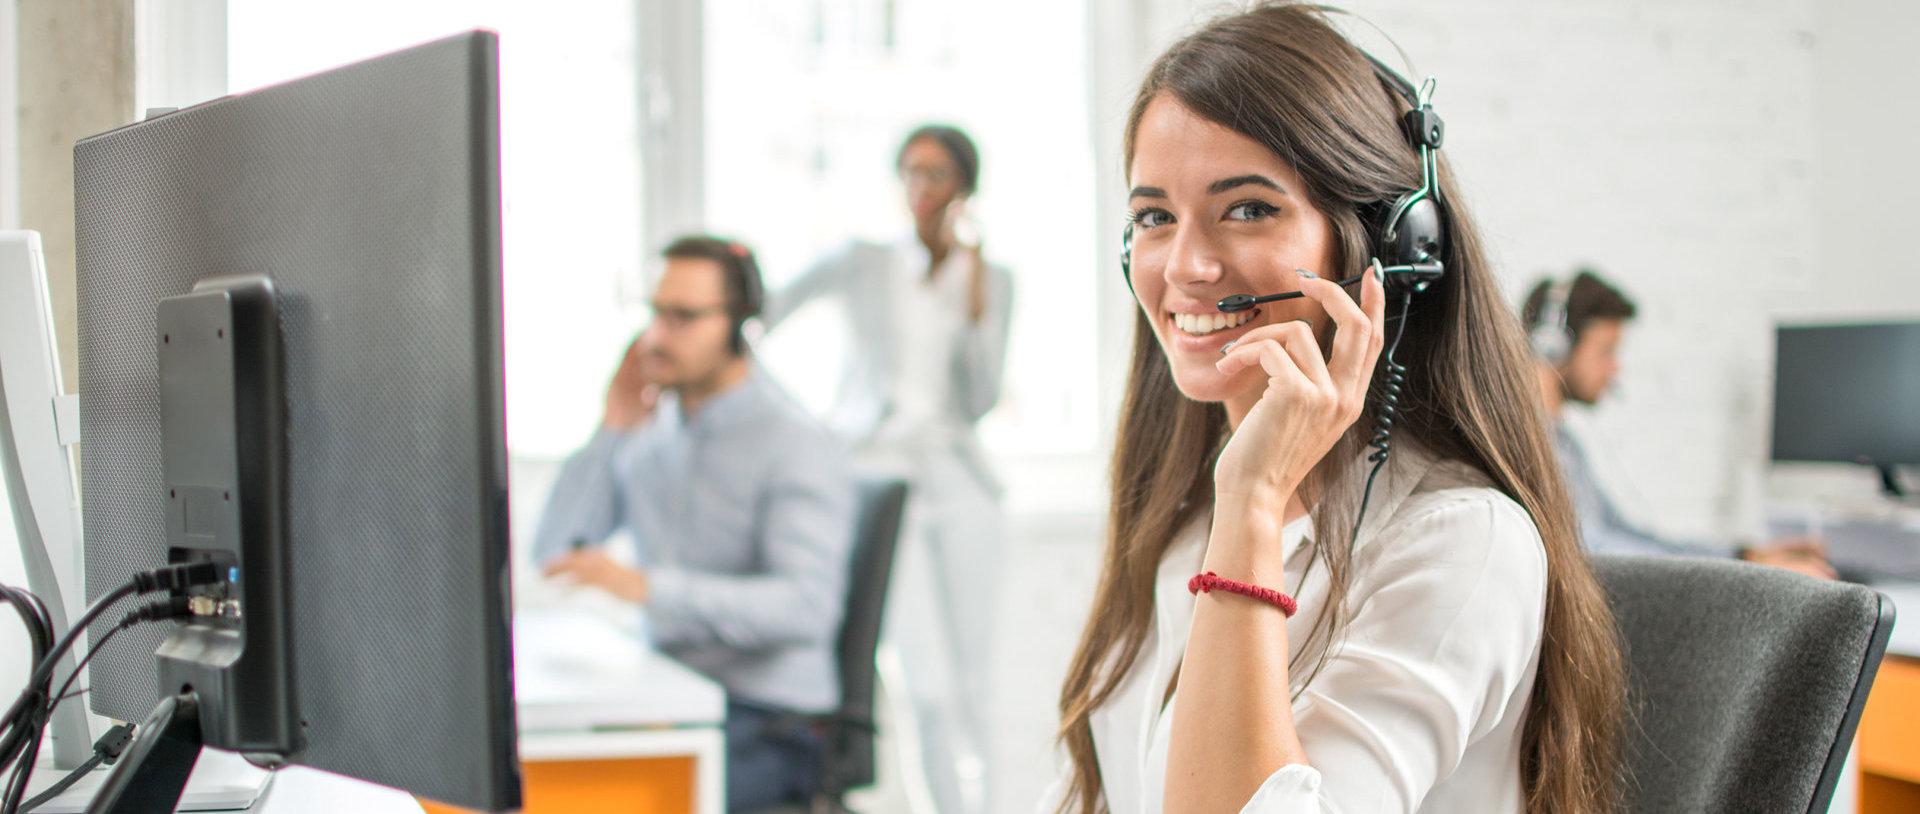 girl taking calls